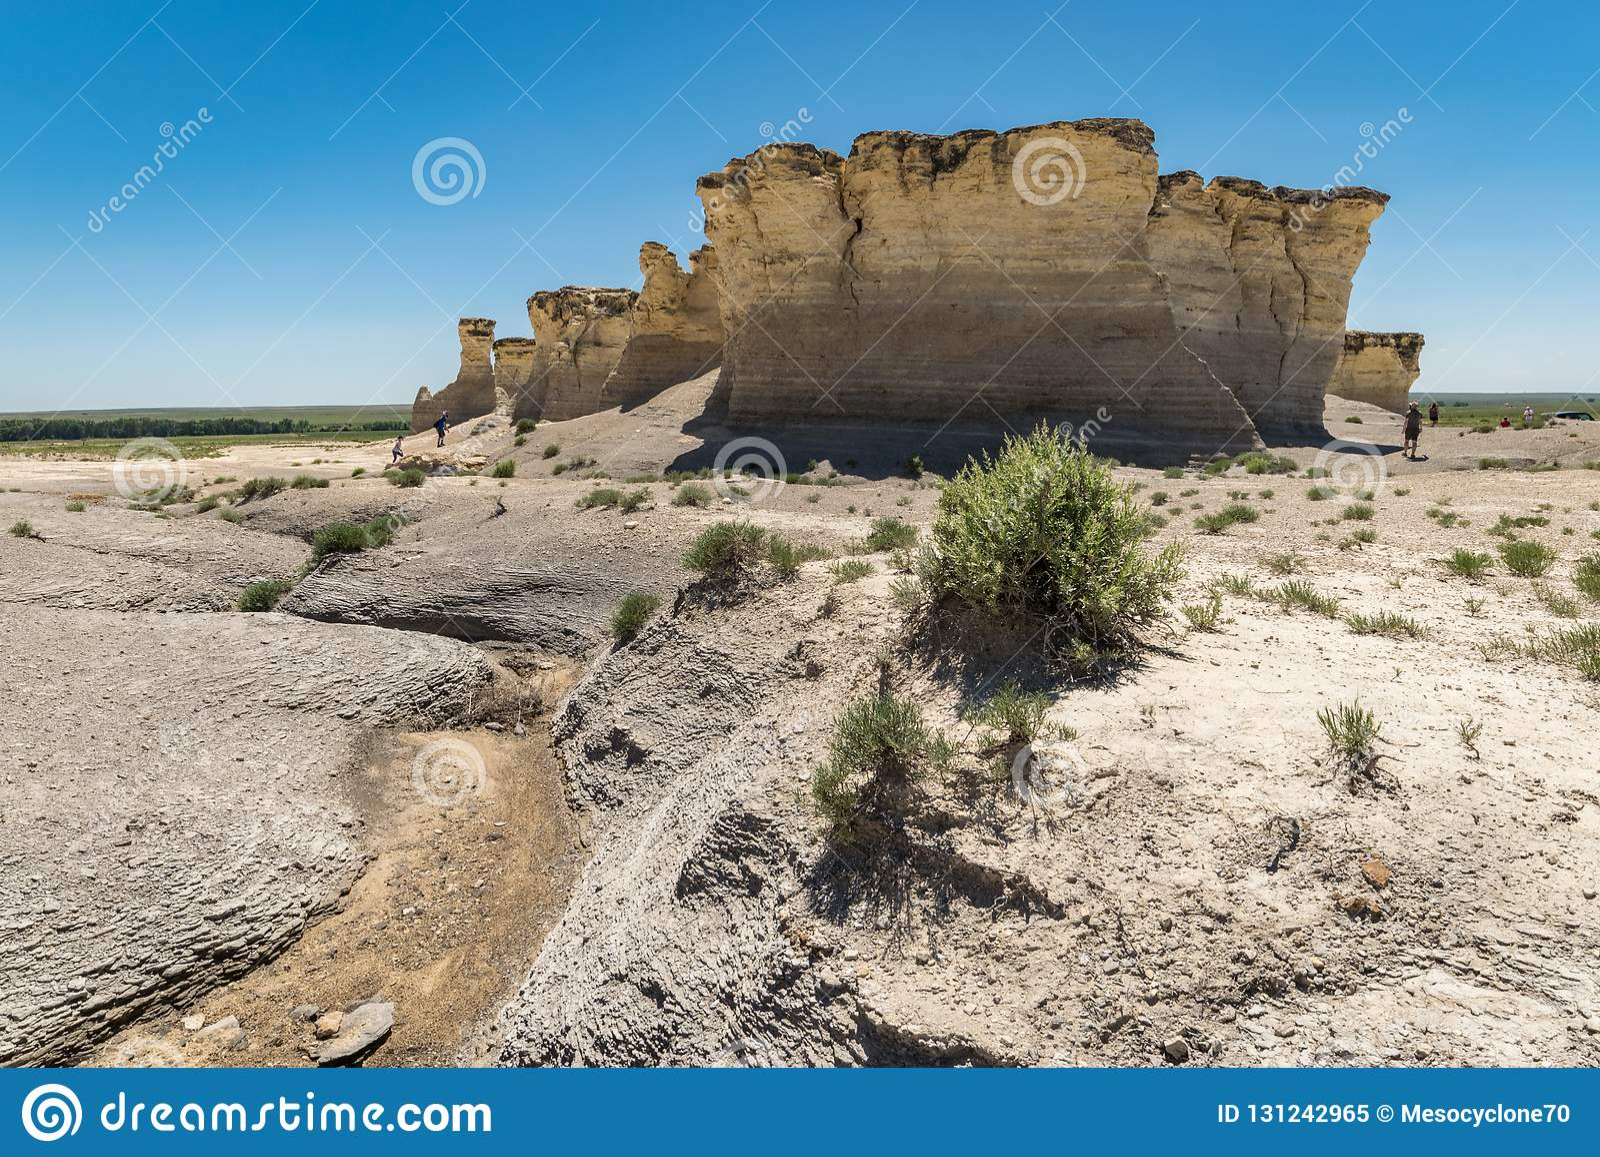 Piramidi del gesso delle rocce del monumento in Kansas occidentale